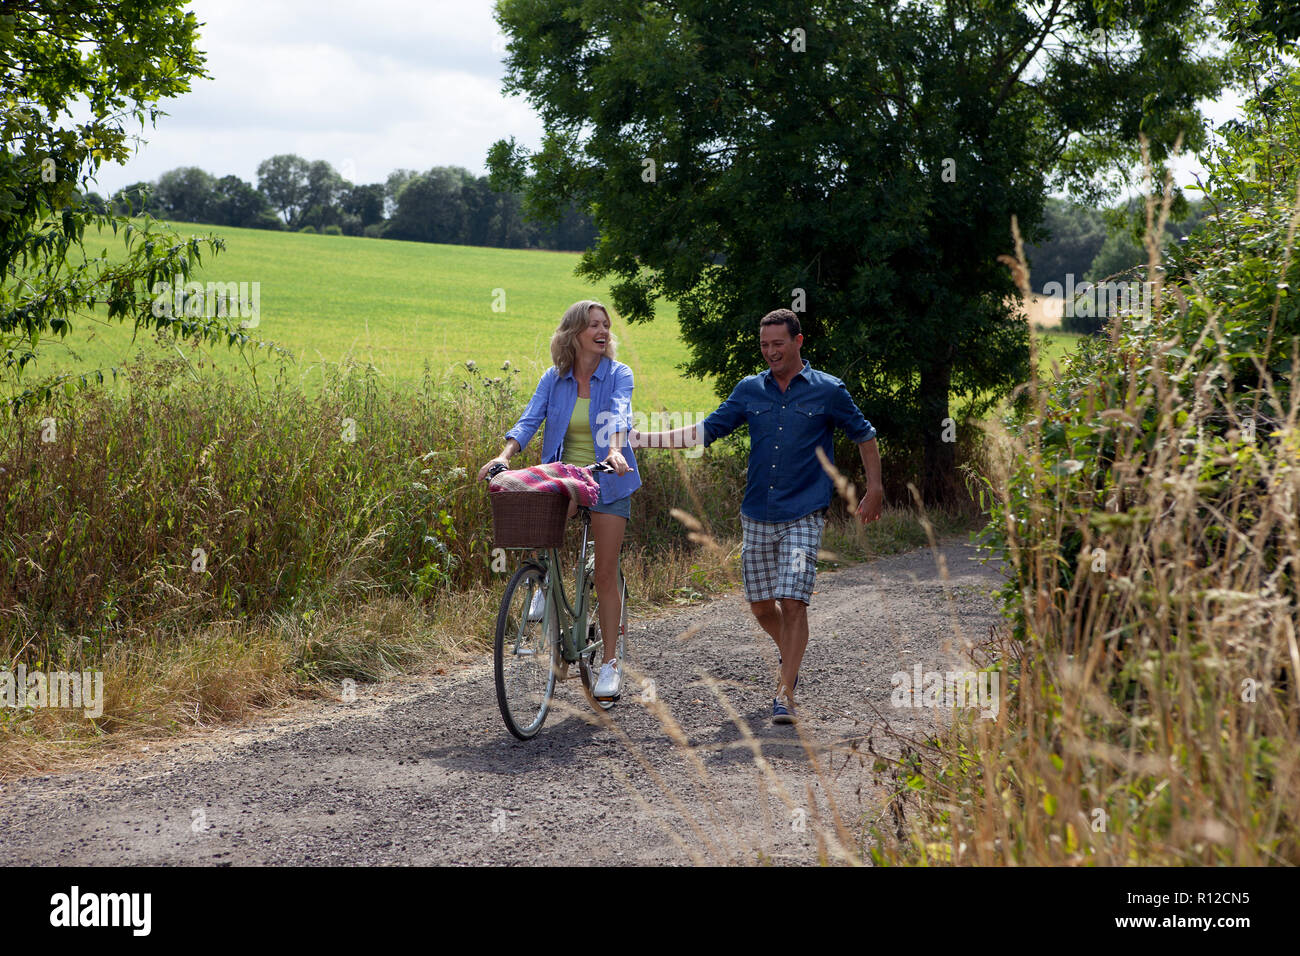 Pareja paseando y ciclismo en carretera rural Foto de stock